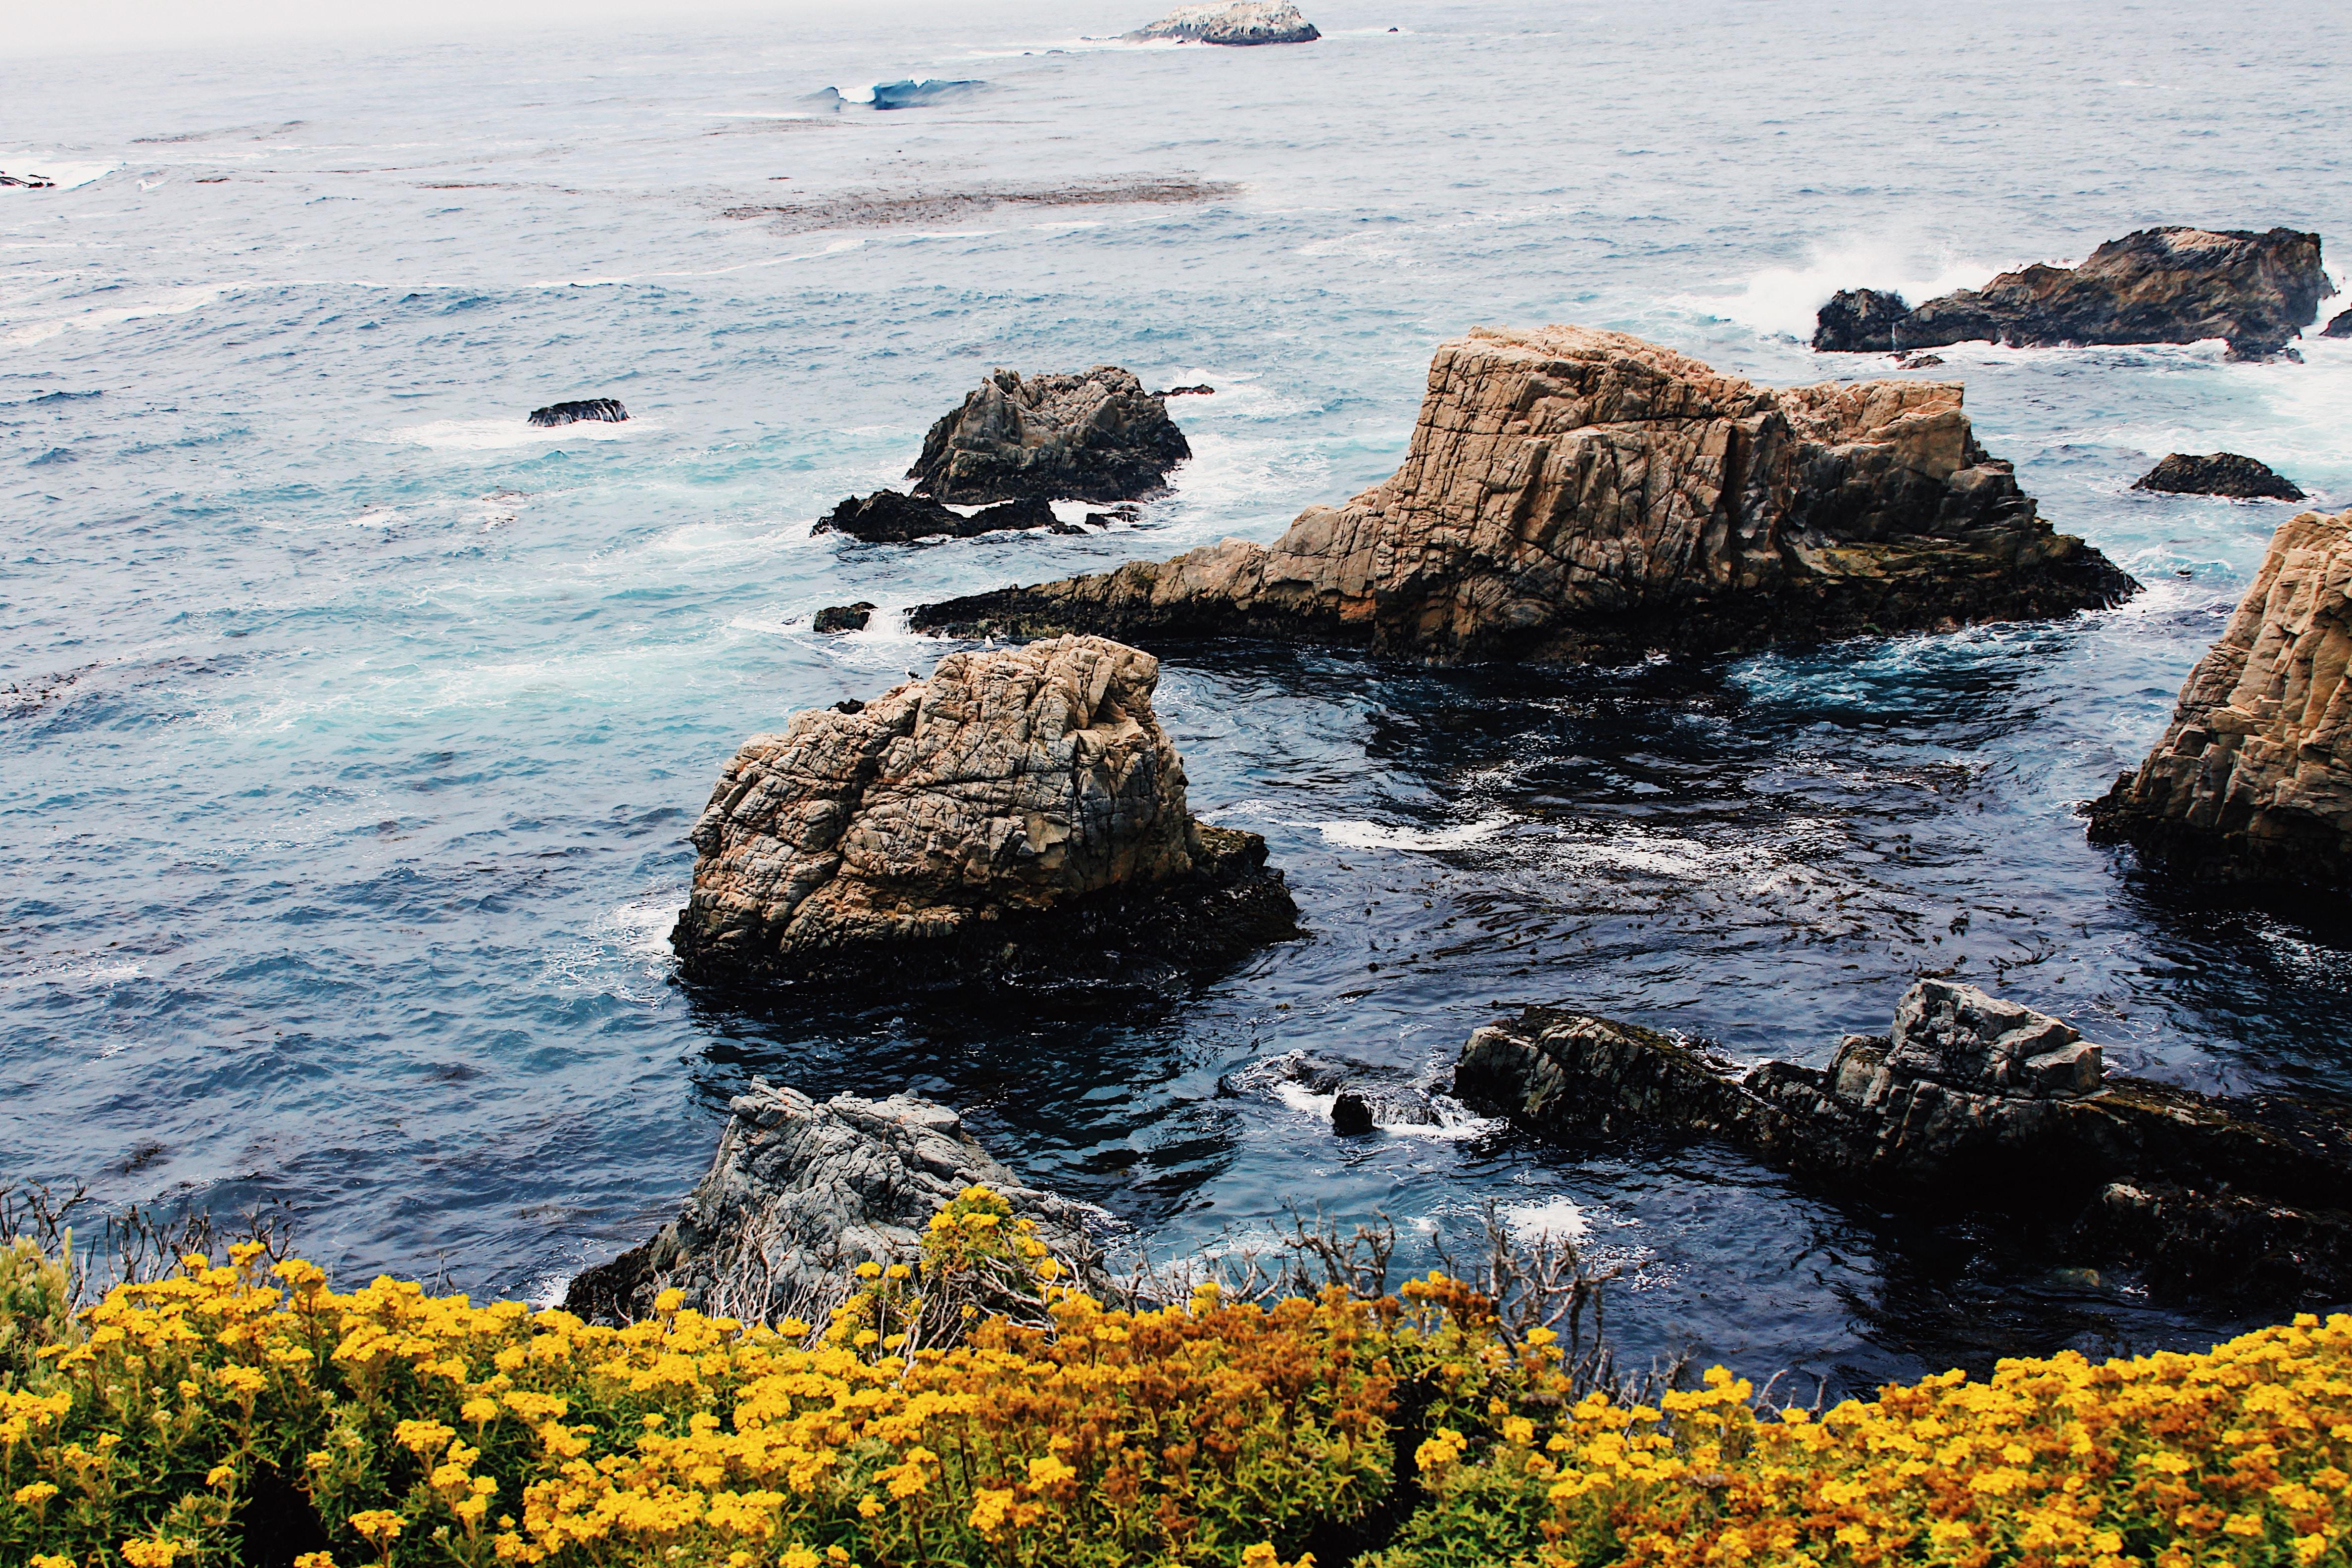 scenery of yellow field of flowers beside body of water